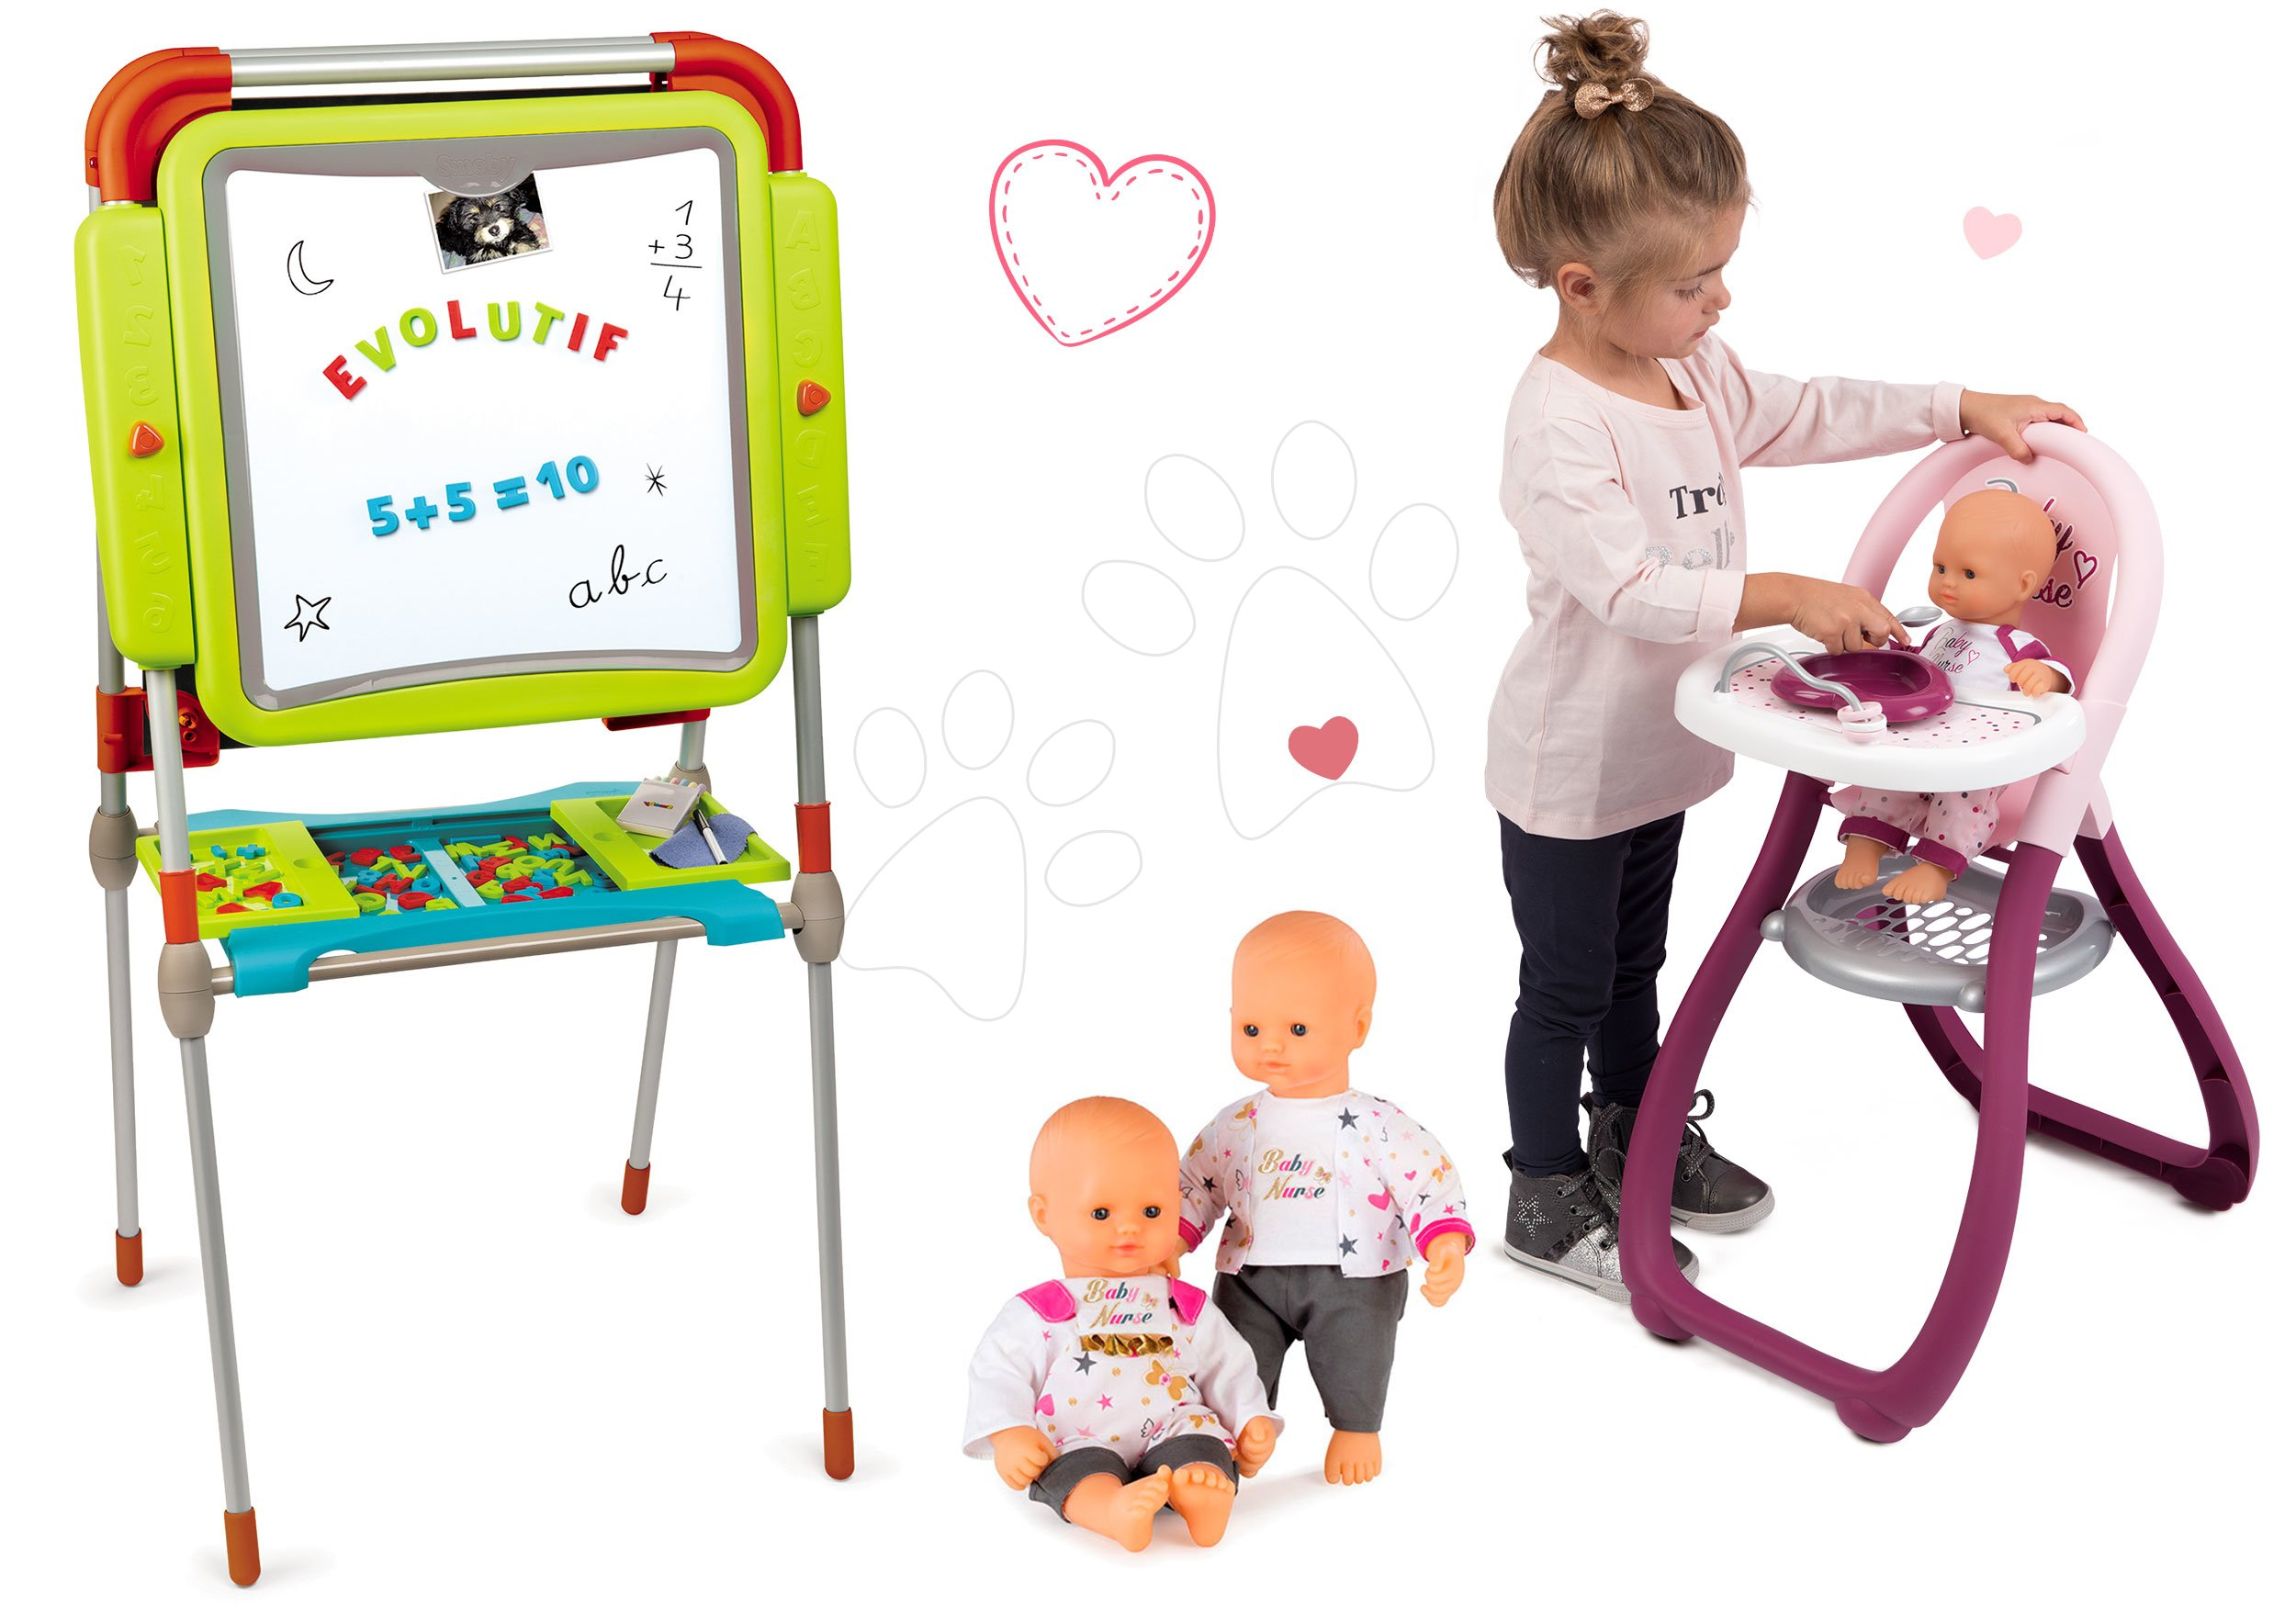 Smoby set školská magnetická tabuľa a jedálenská stolička a bábika Baby Nurse 410203-4